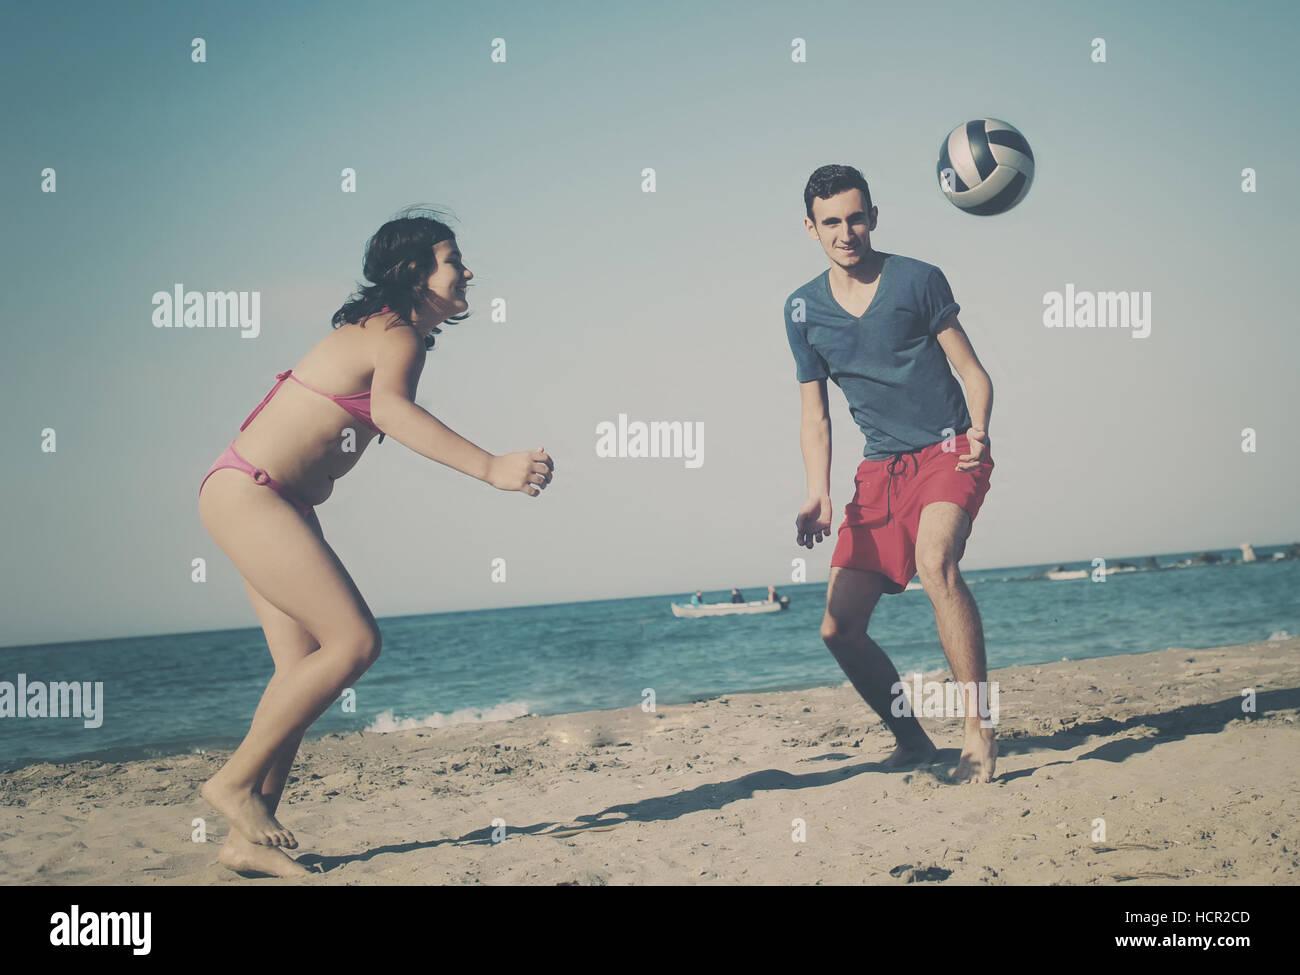 Giovane giocando a pallavolo sulla spiaggia Immagini Stock